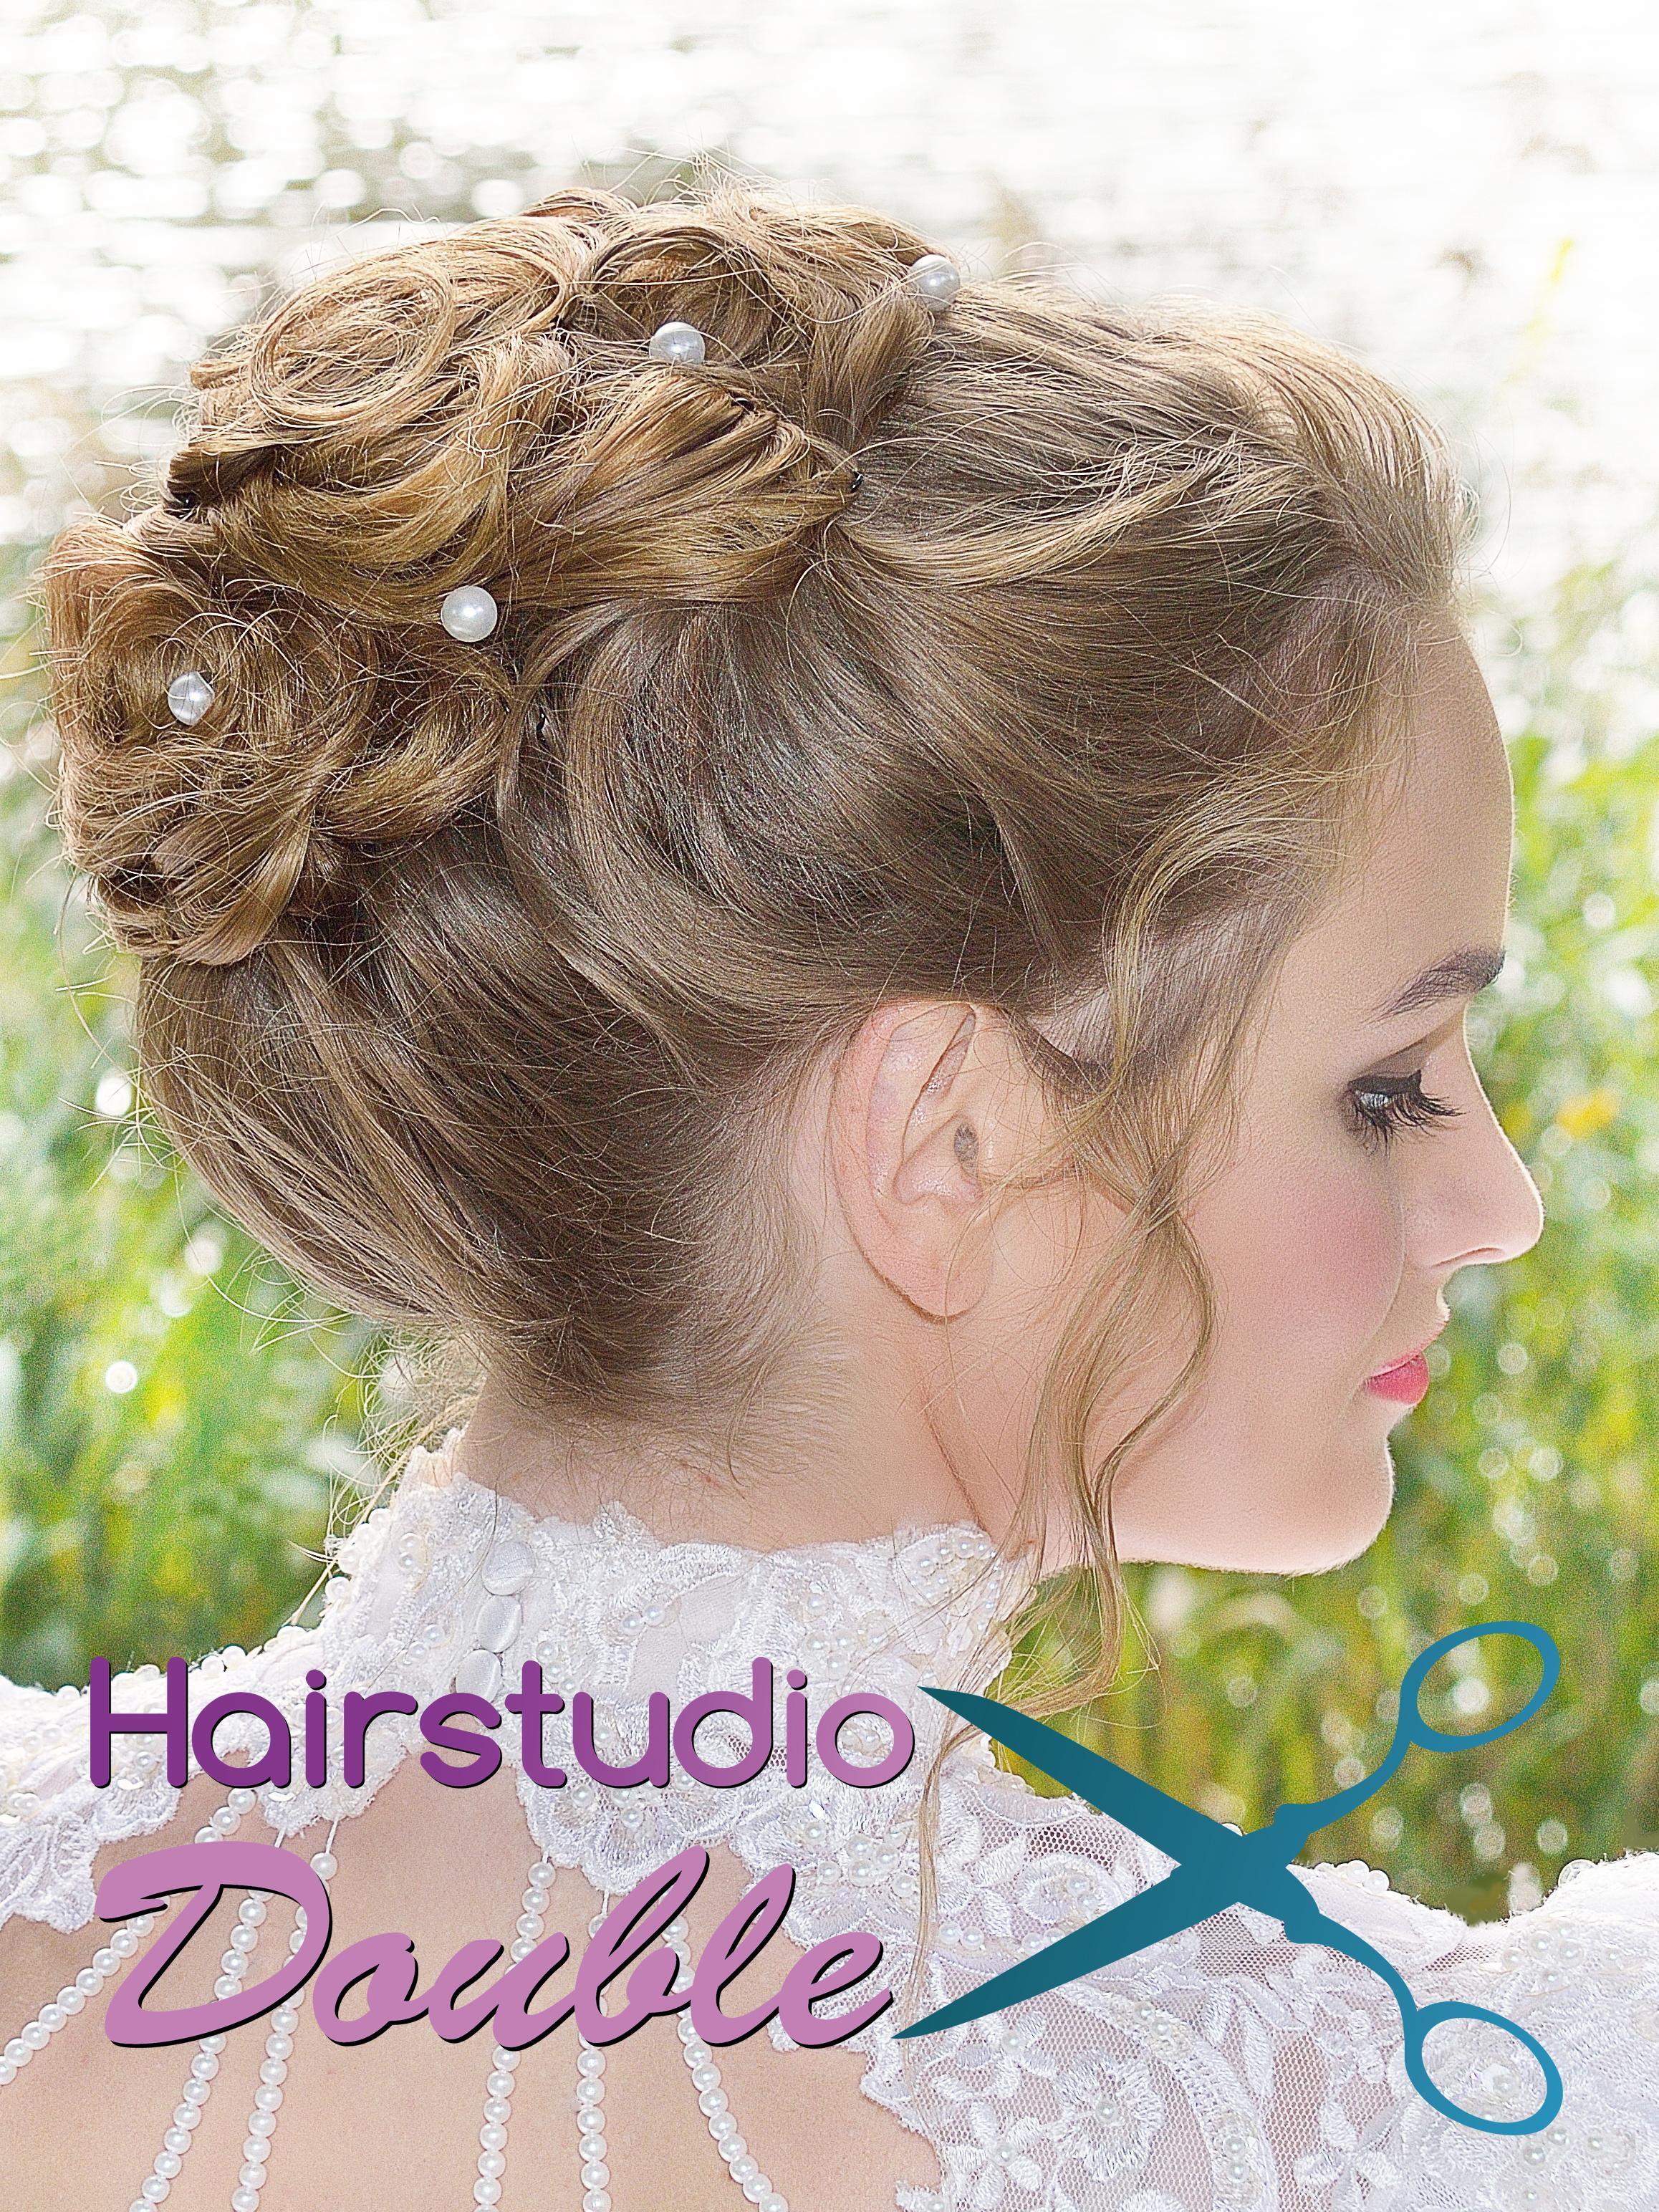 Voor uw droom bruidskapsel moet u bij Hairstudio Double in Goes zijn!